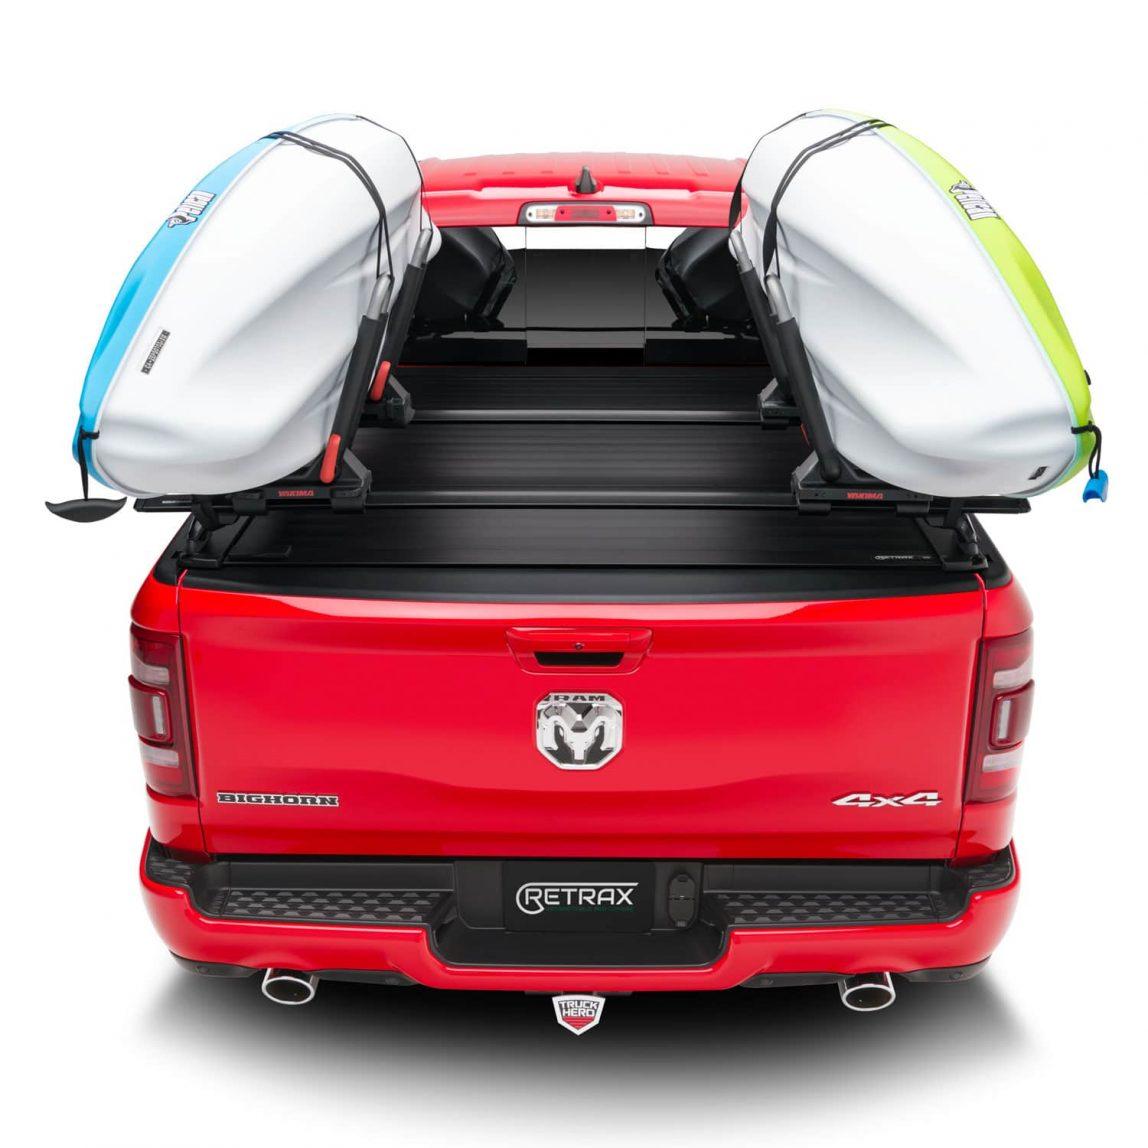 PowertraxONE XR Retractable Dodge Ram 1500 tonneau cover